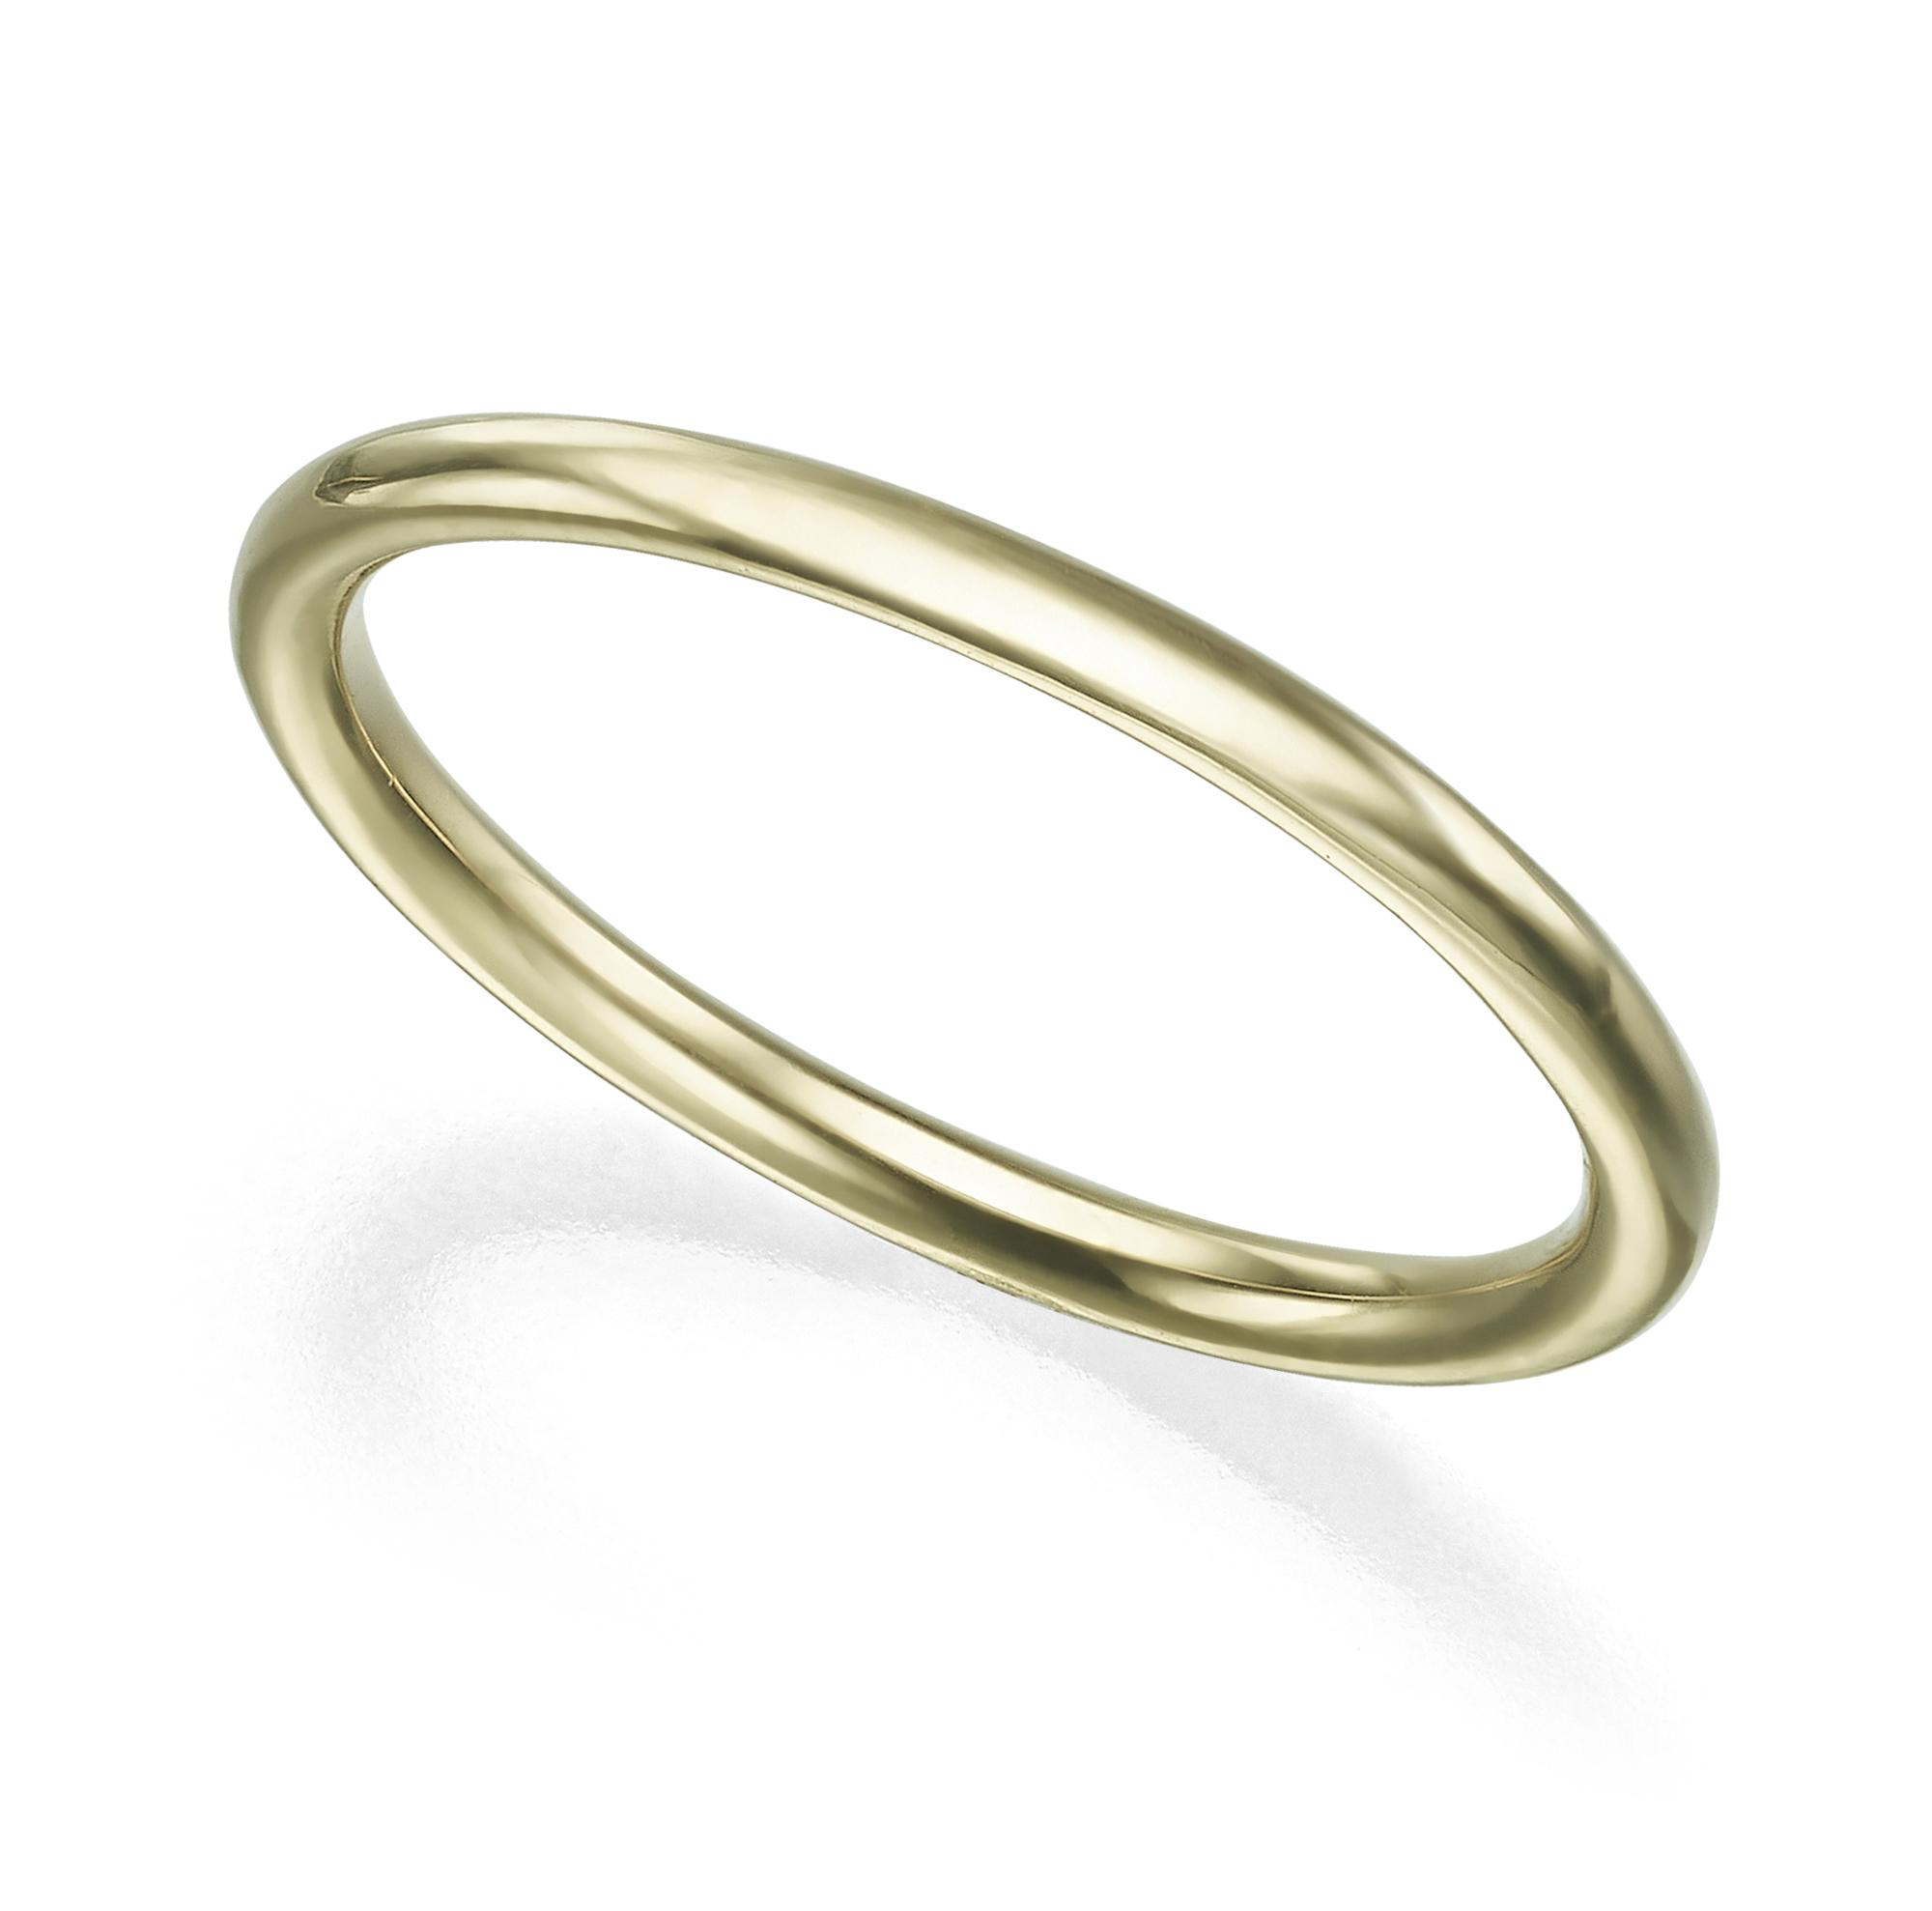 טבעת זהב עגולה עבה